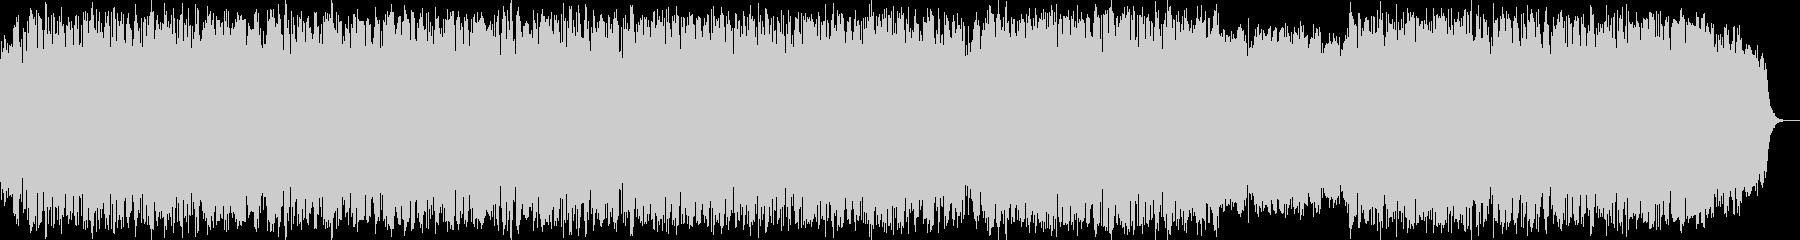 ほのぼの明るく前向きな笛のヒーリング音楽の未再生の波形